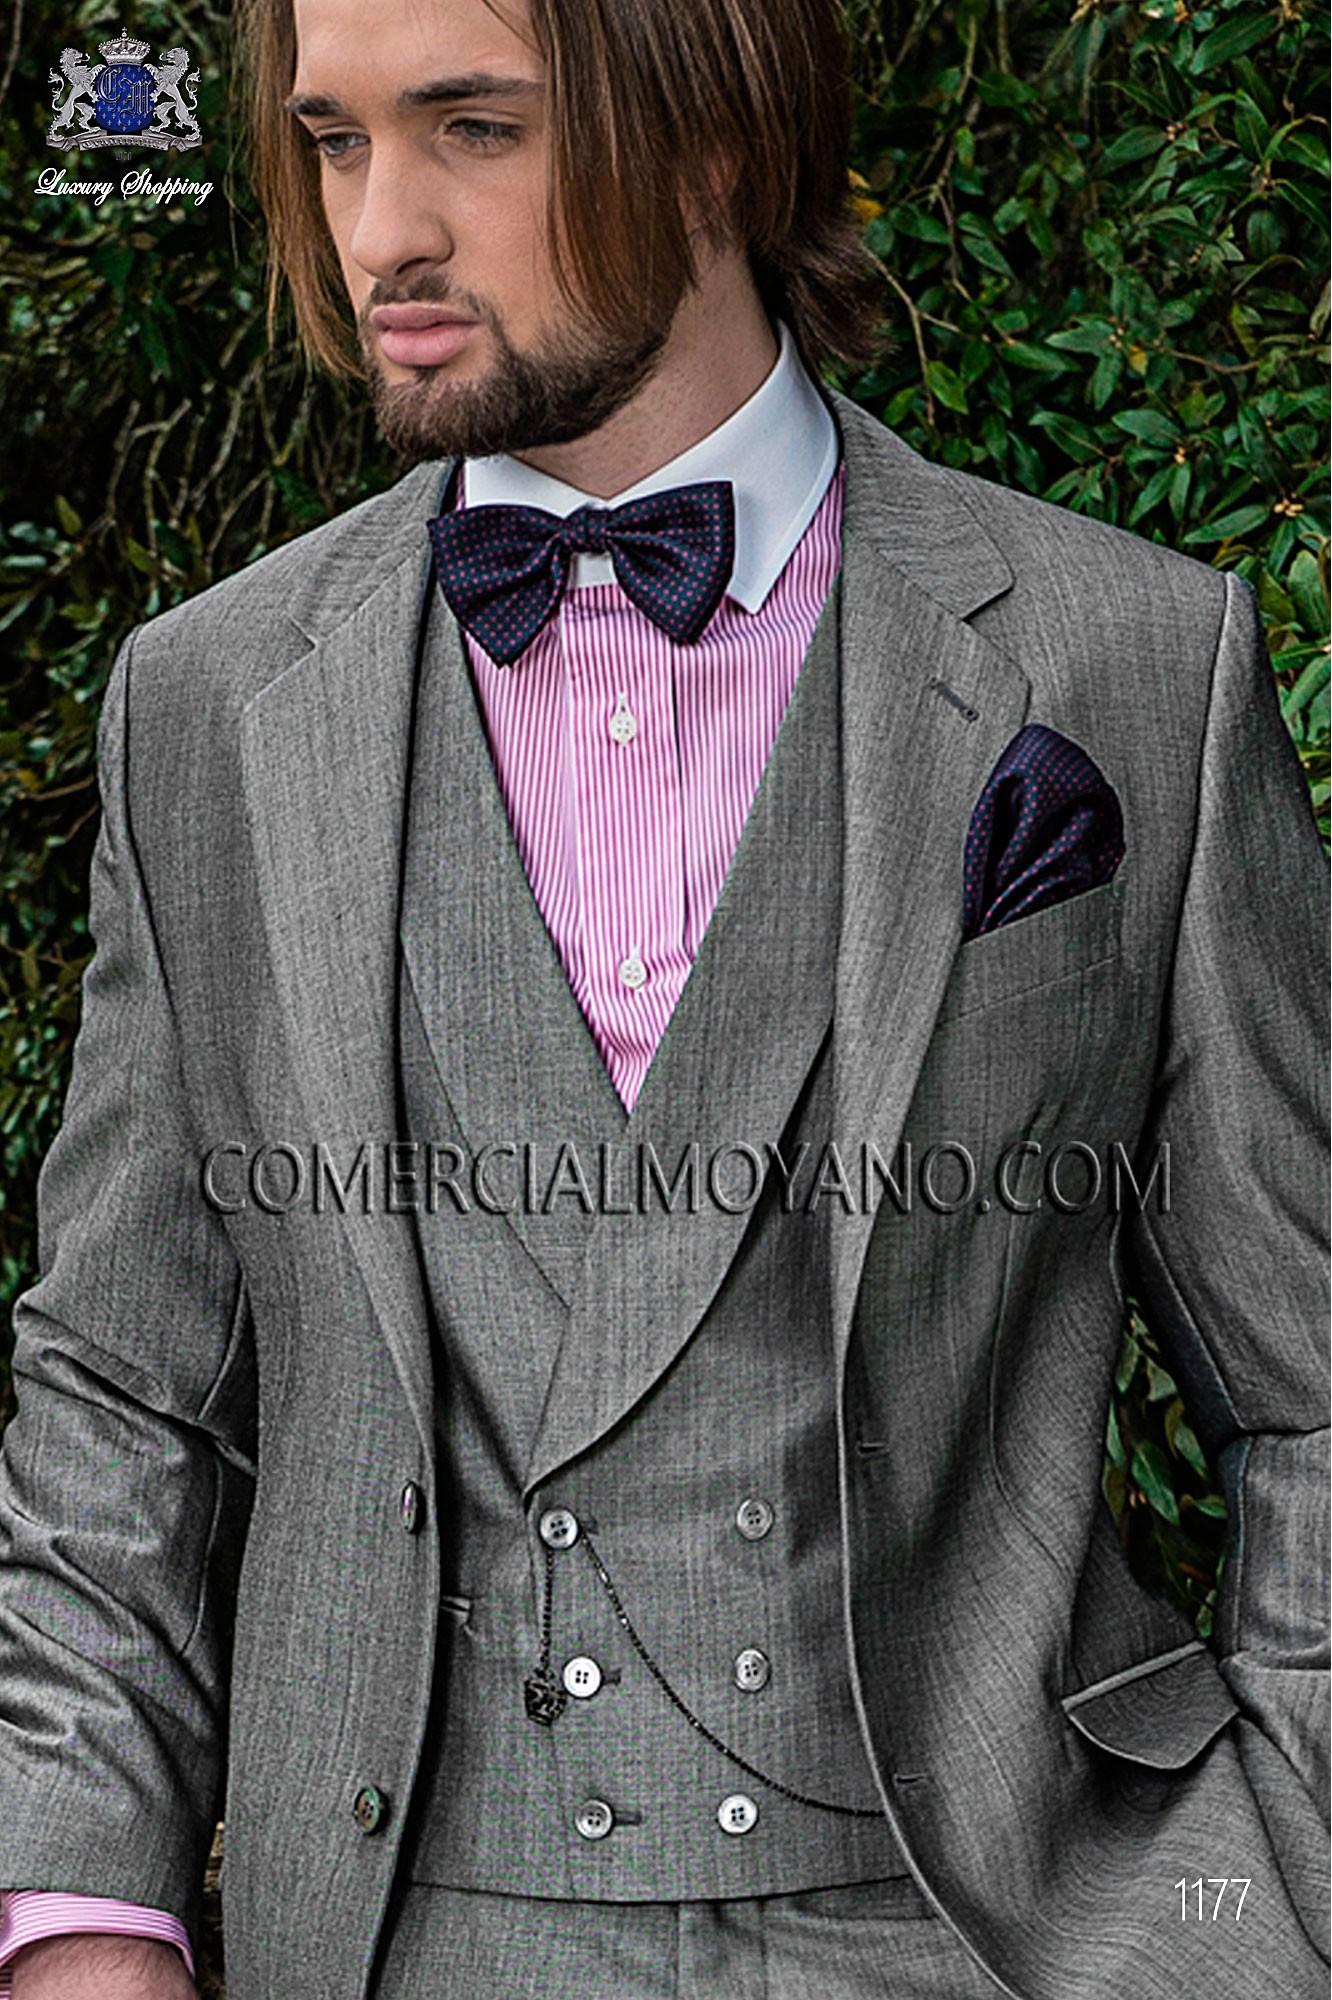 Traje Gentleman de novio gris modelo: 1177 Ottavio Nuccio Gala colección Gentleman